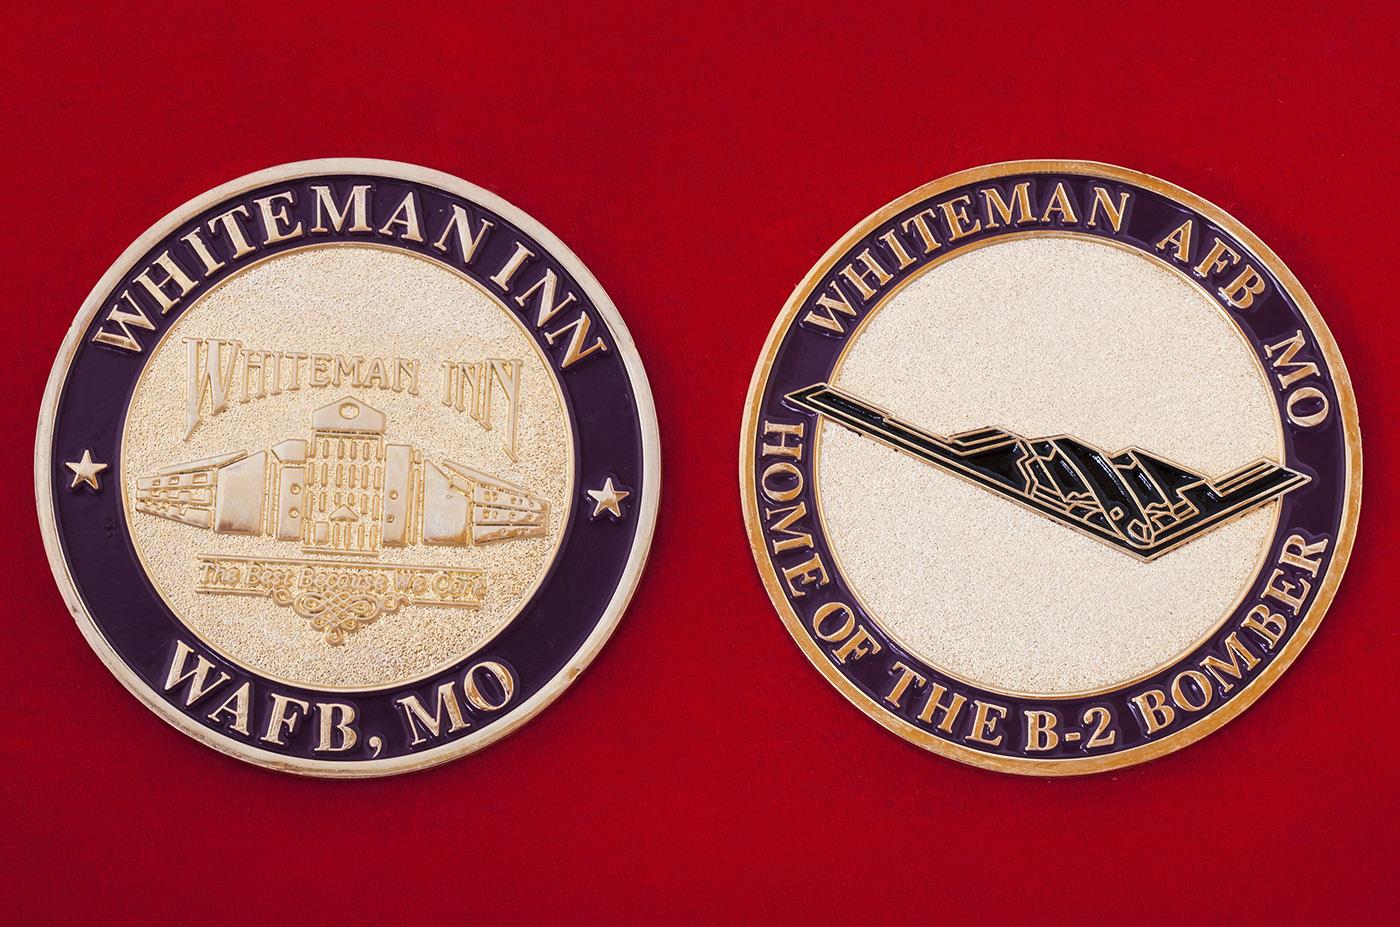 Челлендж коин личного состава авиабазы Уайтмен ВВС США